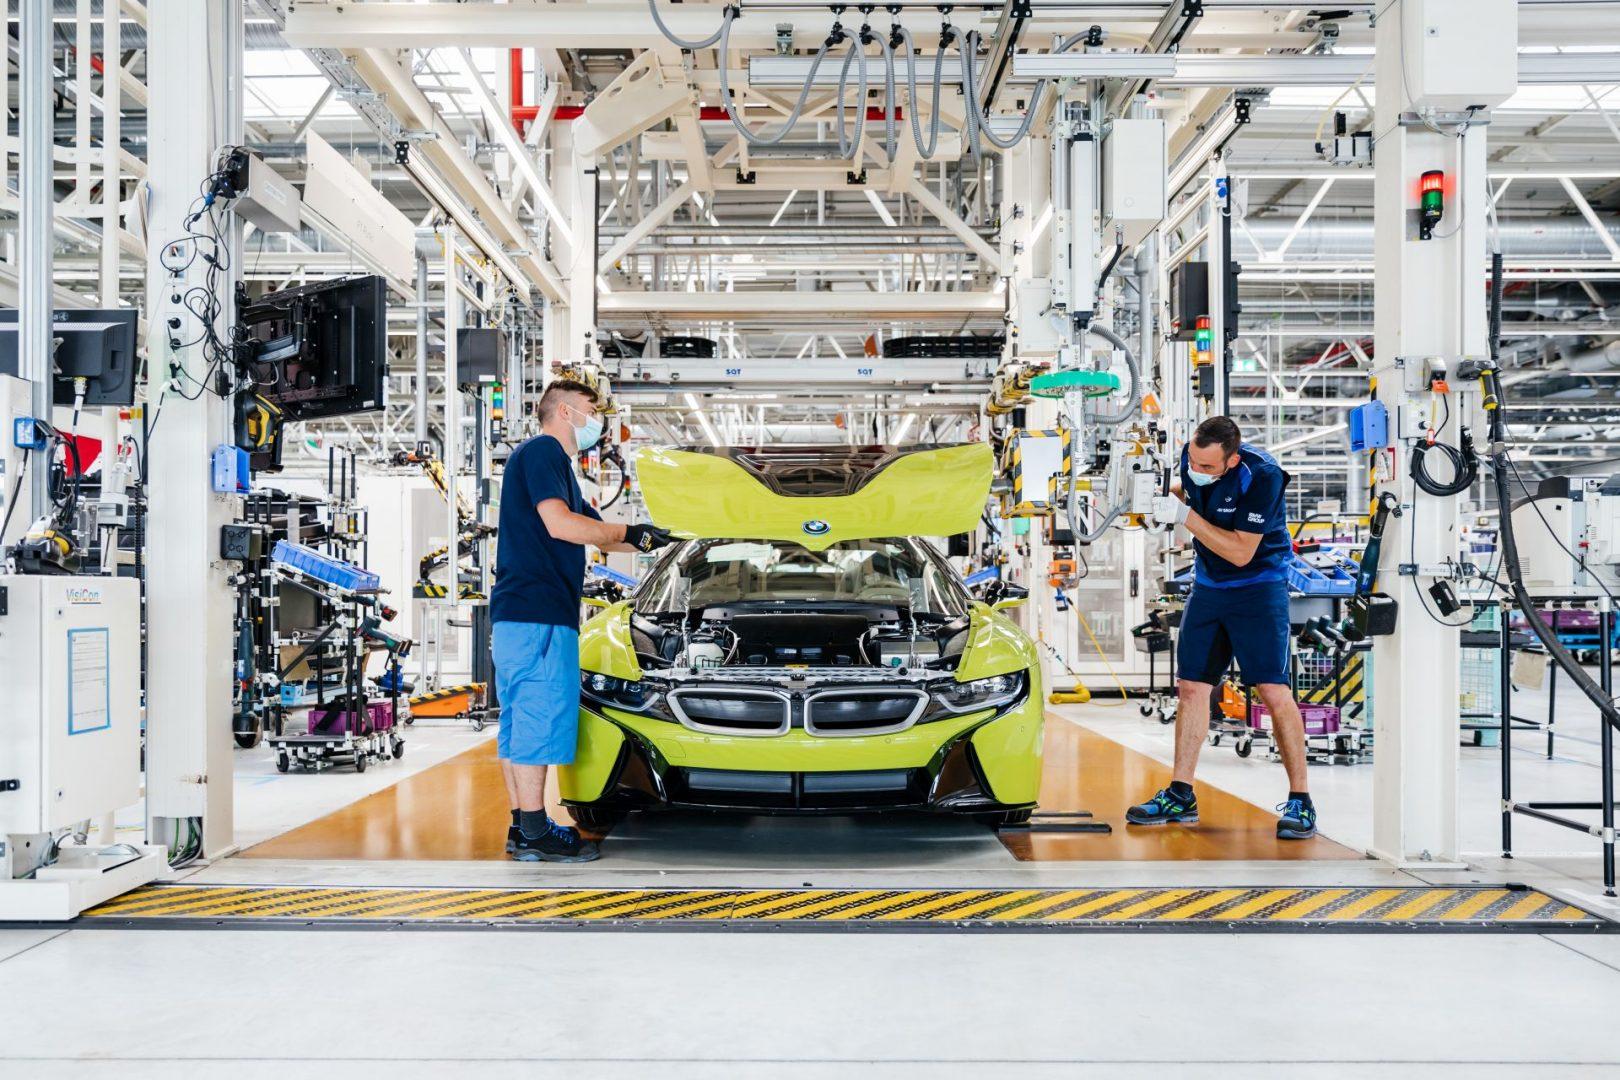 Proizvedeno posljednjih 18 primjeraka modela BMW i8 u tvornici Leipzig